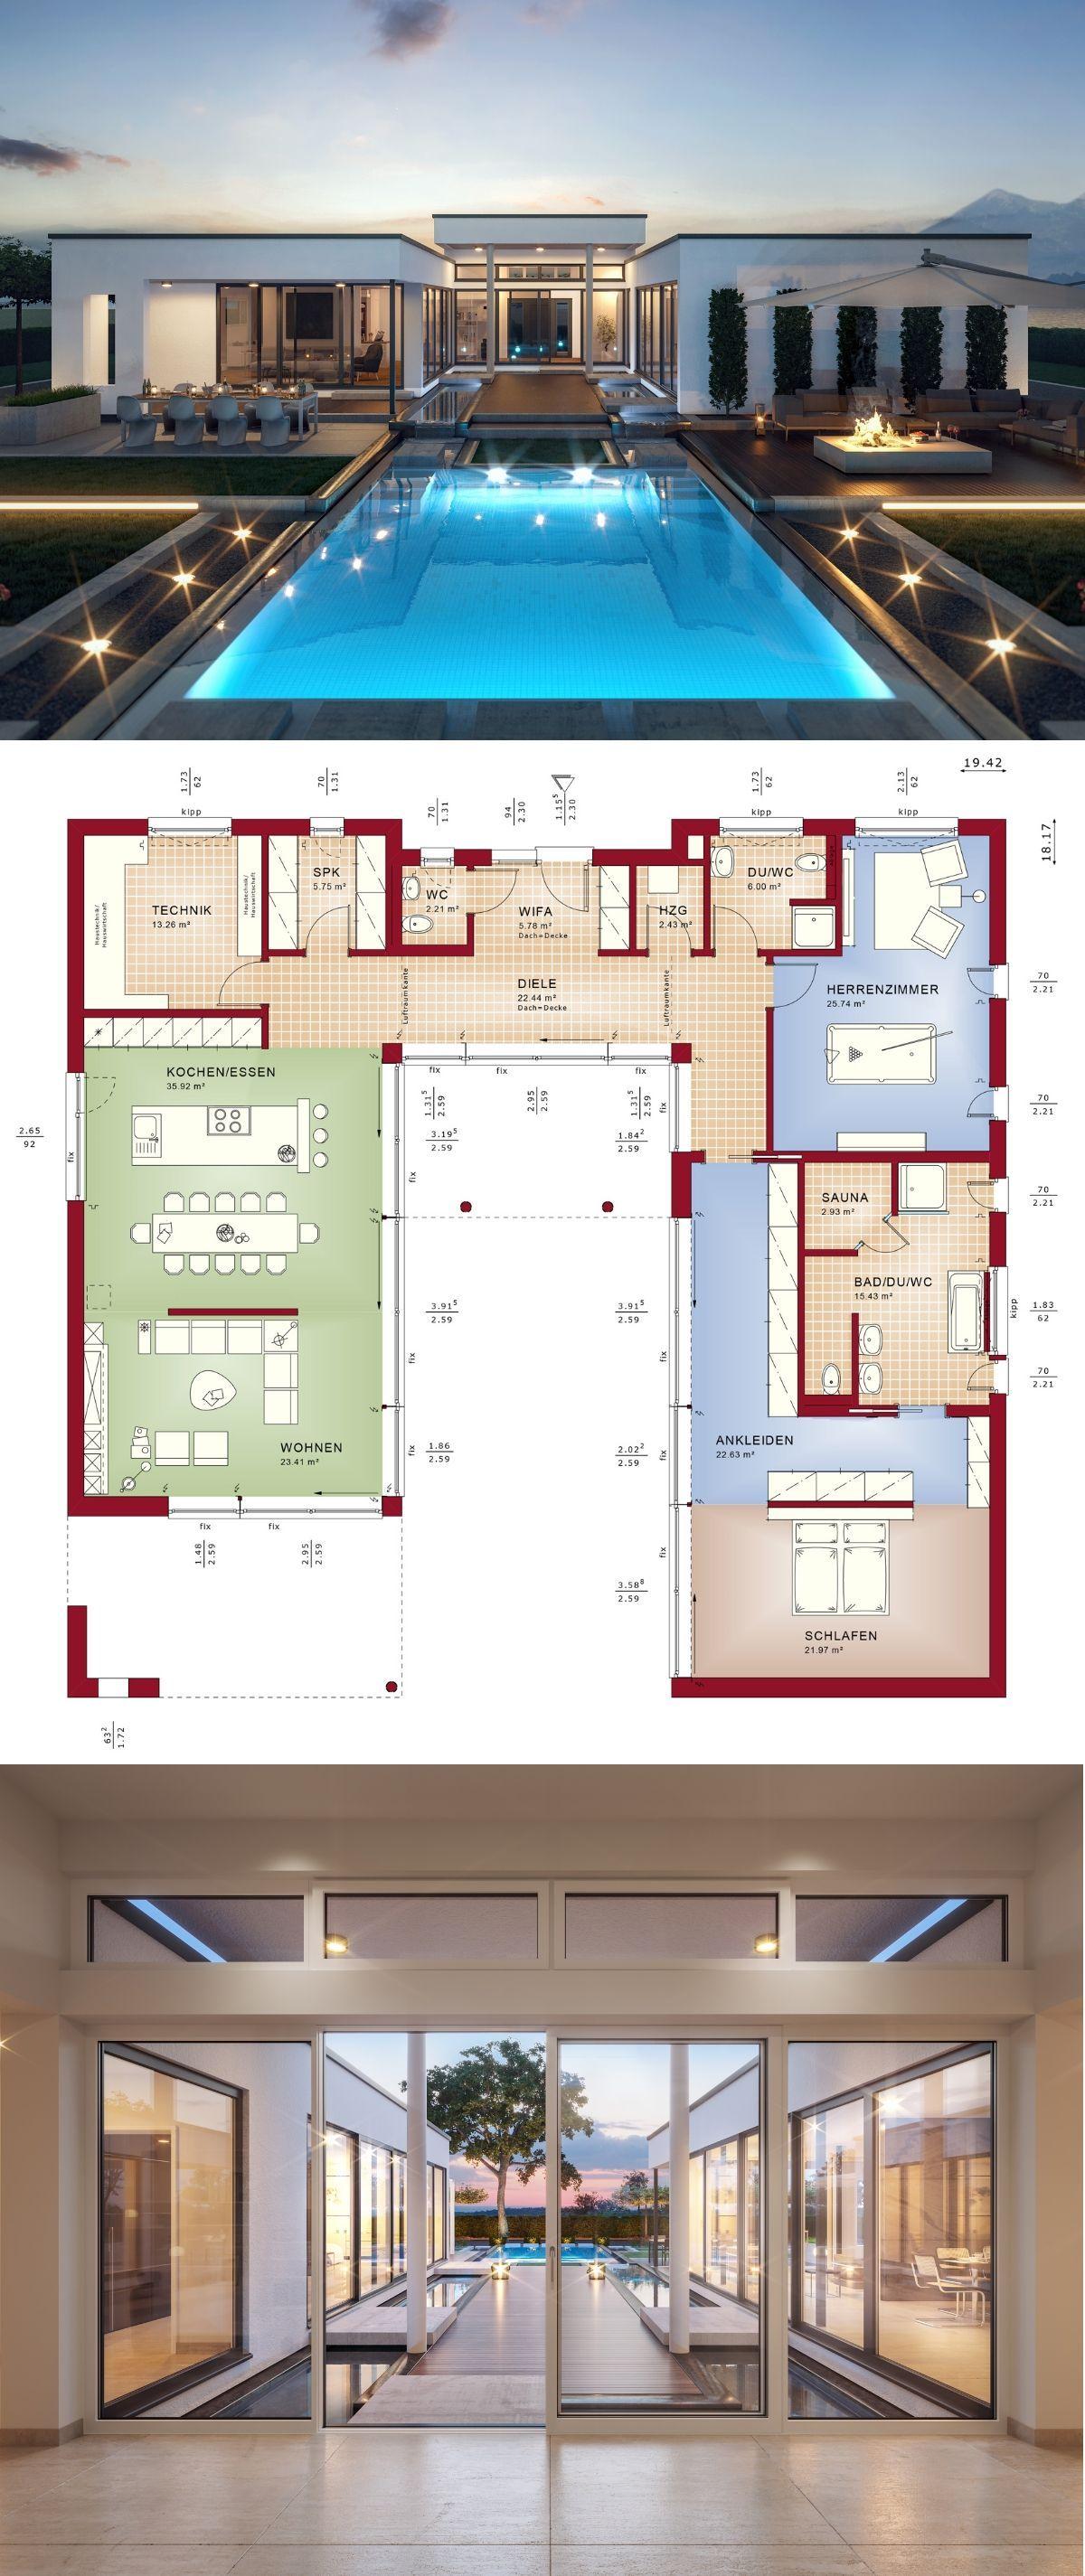 Luxus Bungalow Haus Minimalistisch Mit Flachdach Architektur